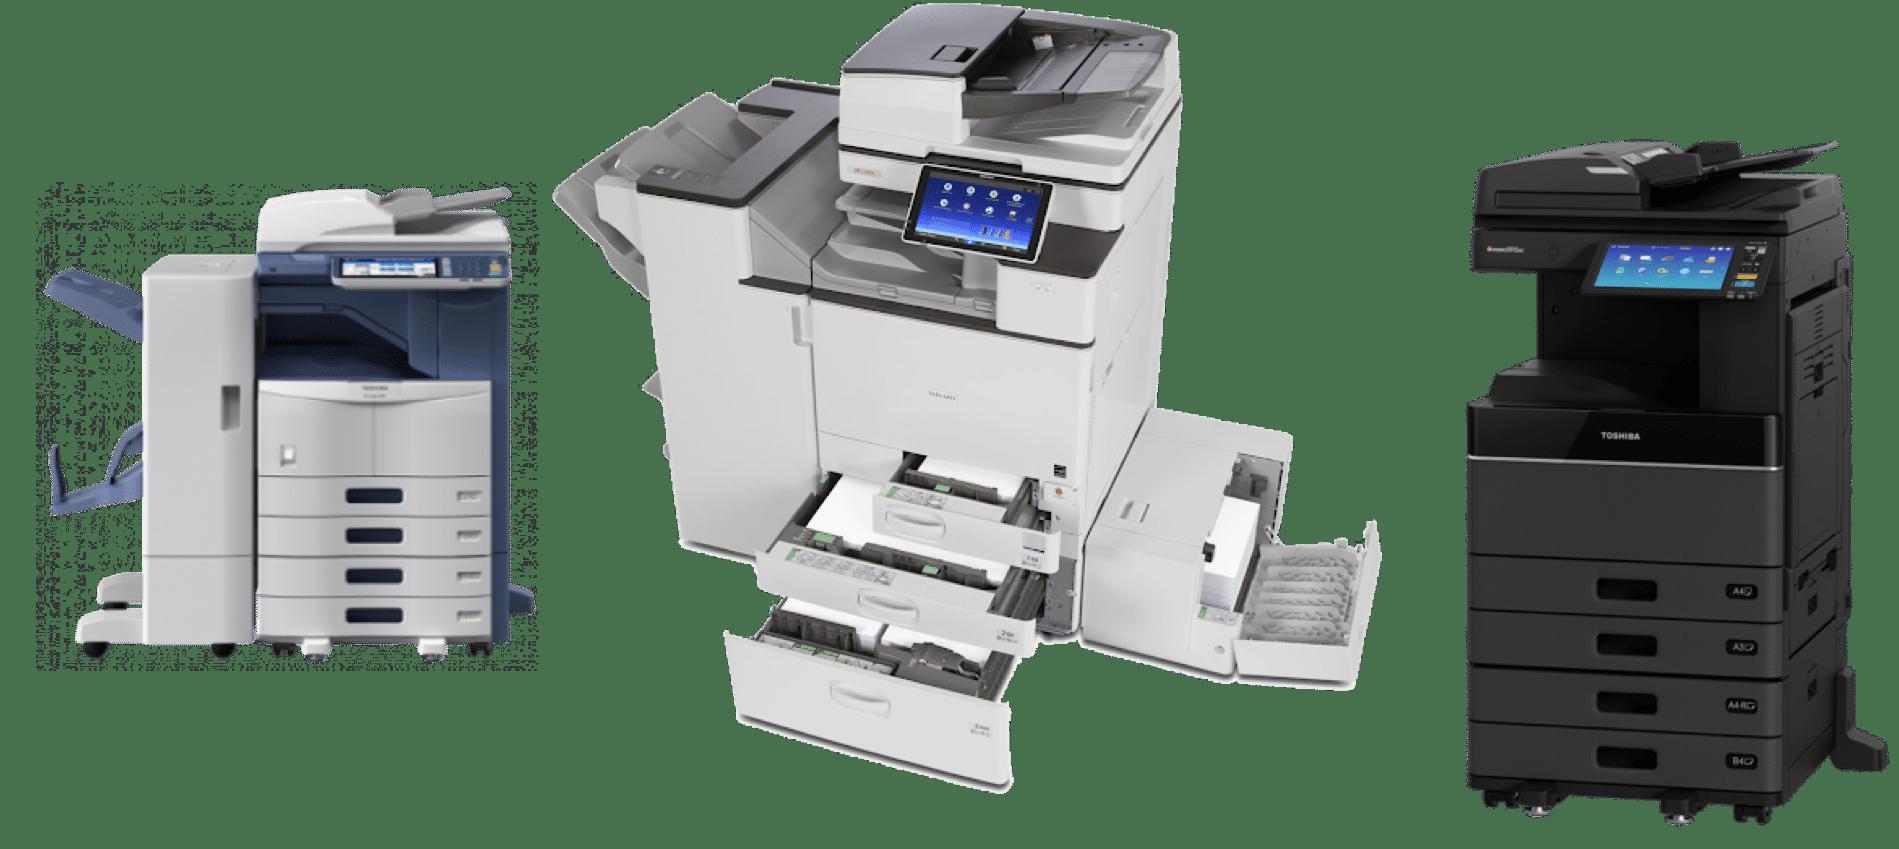 Cho thuê máy photocopy giá rẻ tại Cần Thơ